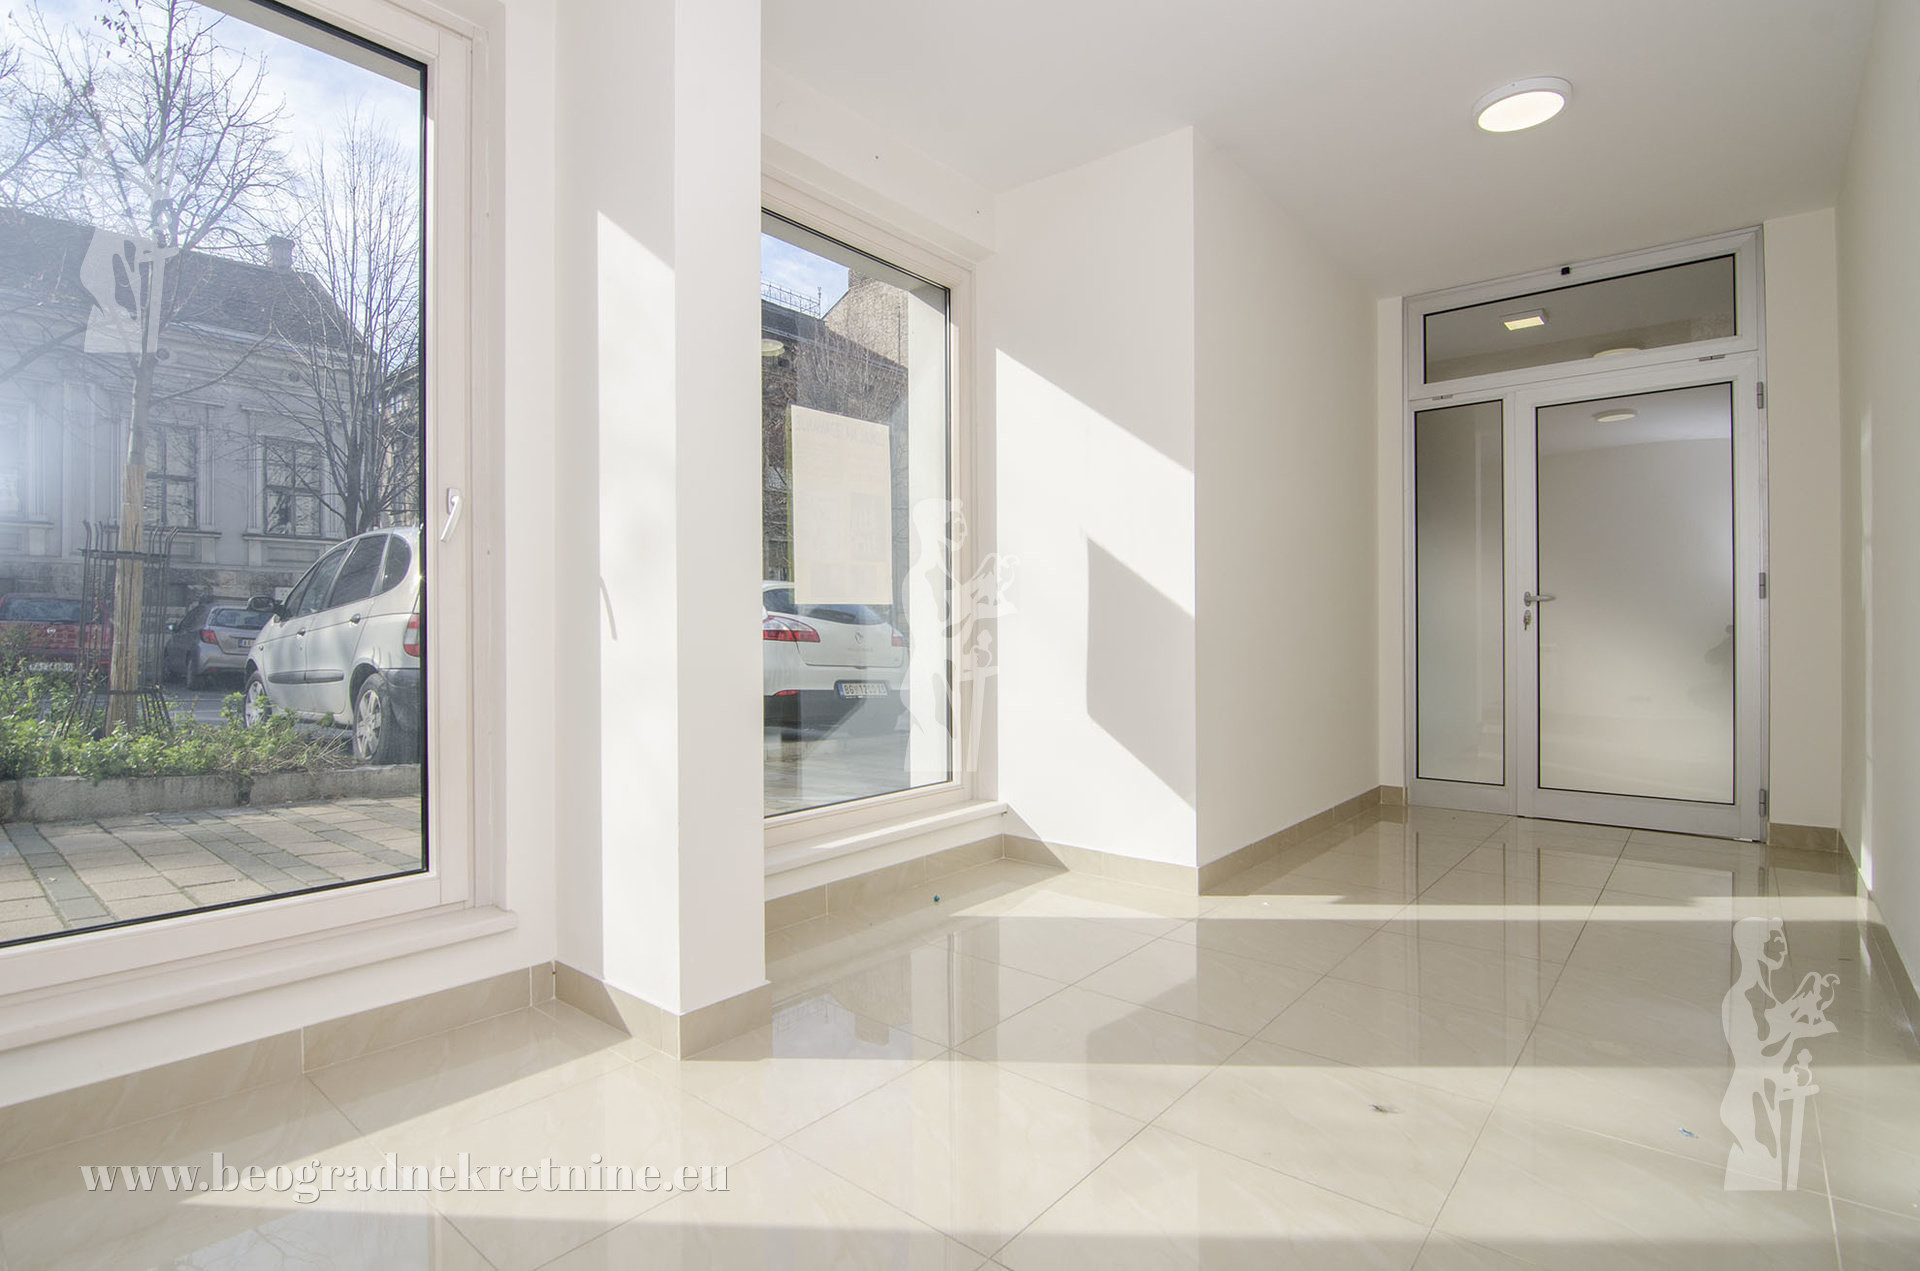 Poslovni prostor , Savski Venac , Beograd (grad) , Izdavanje | Lokal Savski Venac Duplex 157M2 Pr I Iii G